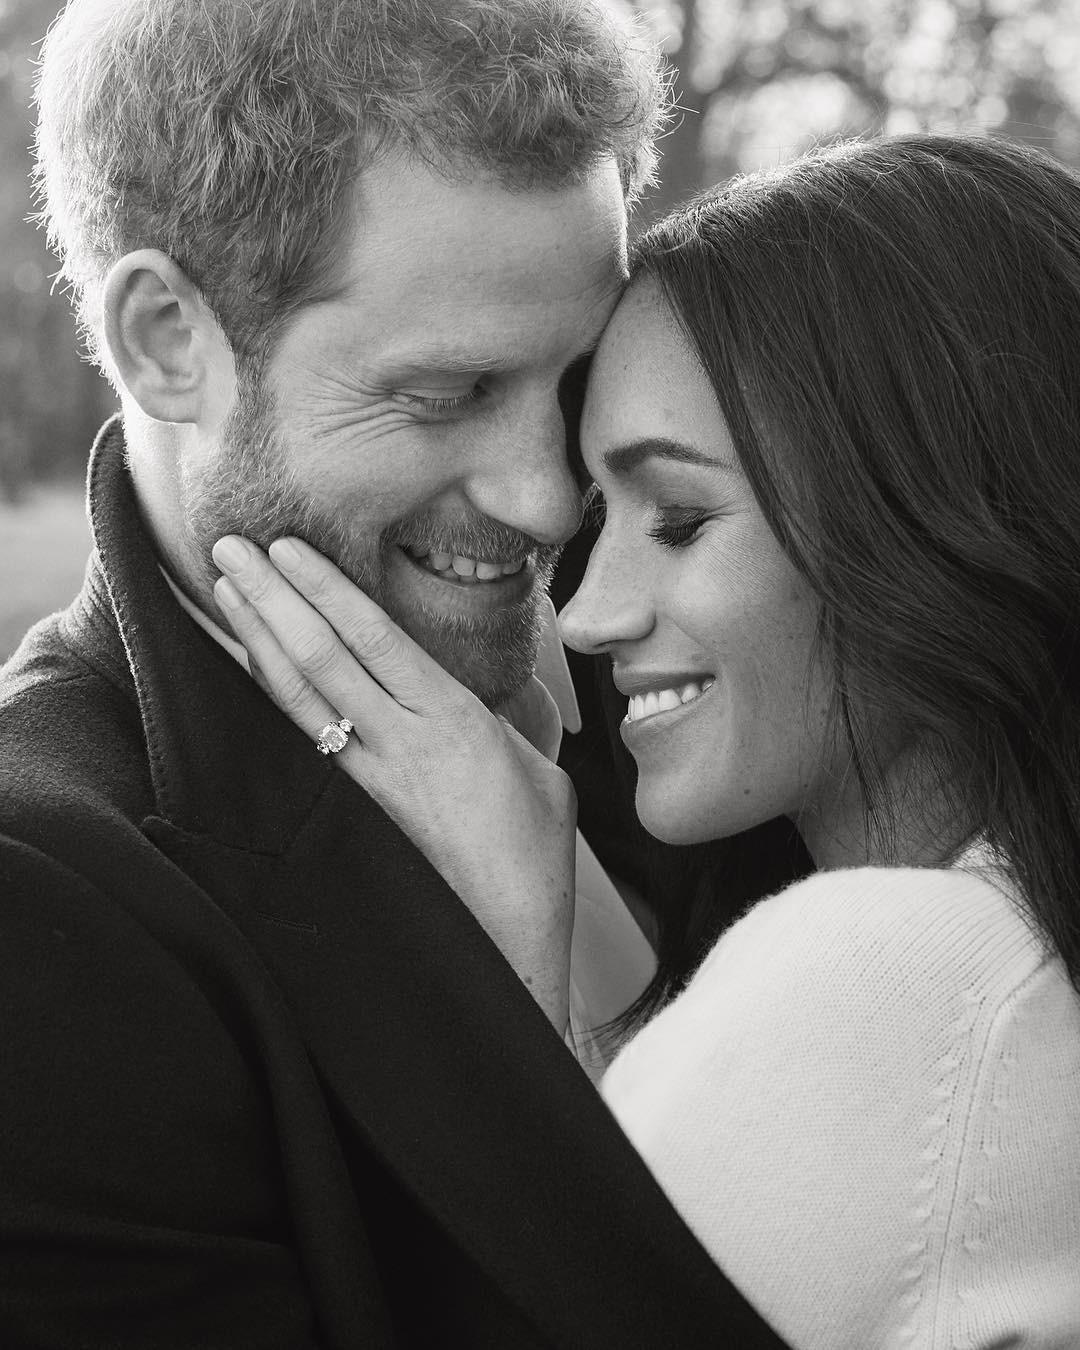 Hôn thê của hoàng tử Harry lại chơi lớn, mua hẳn váy 1,7 tỷ đồng để chụp ảnh đính hôn - Ảnh 4.